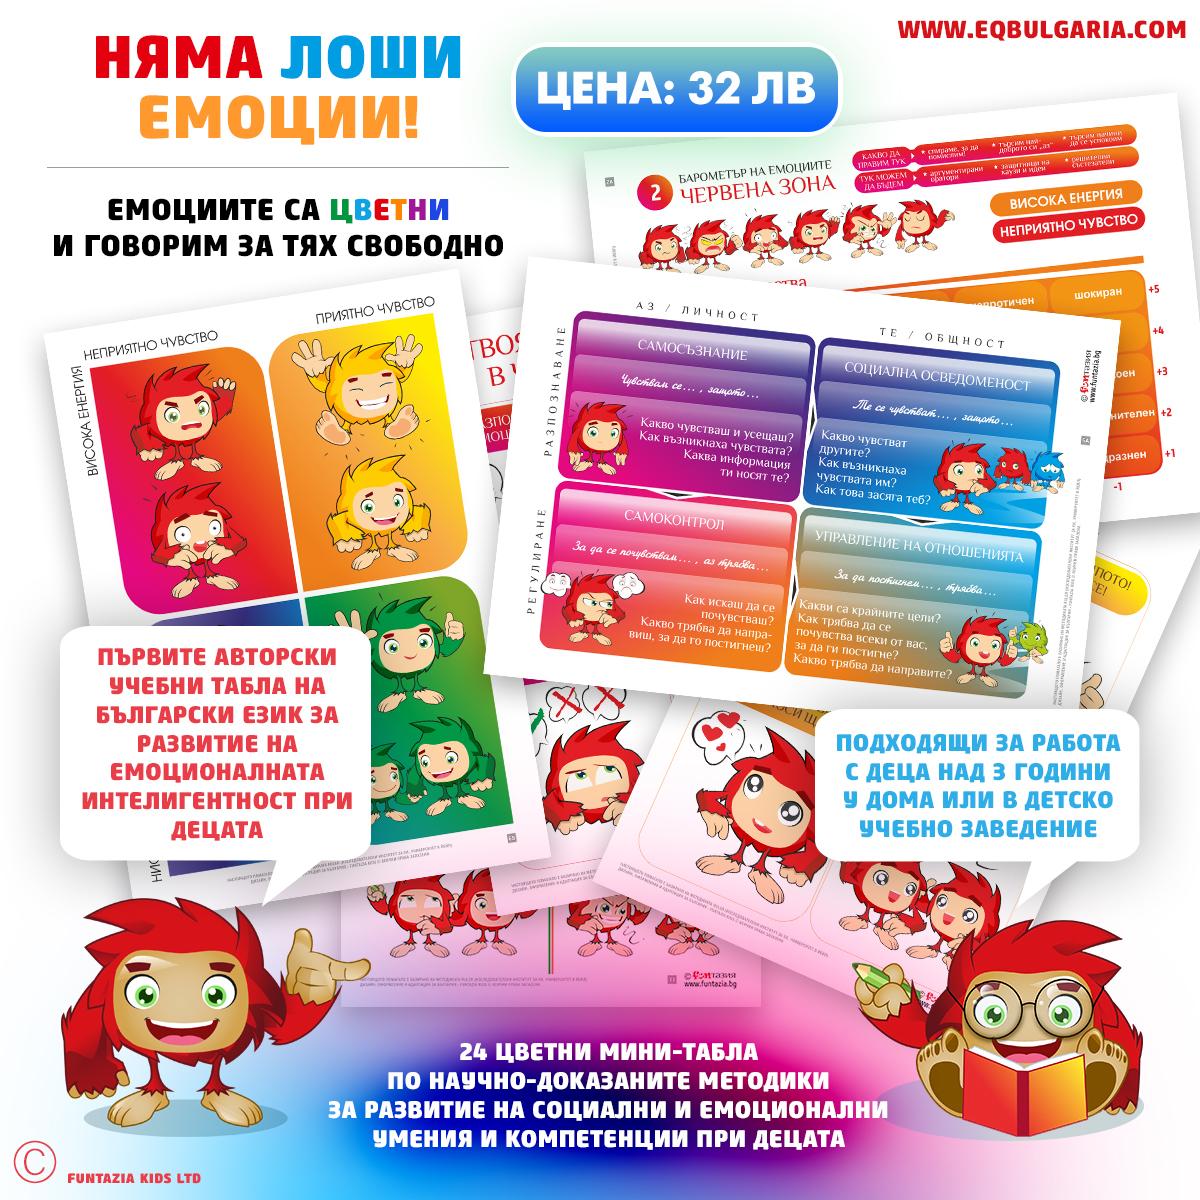 учебен комплект детски мини-табла за развитие на социално-емоционални умения (емоционална интелигентност)